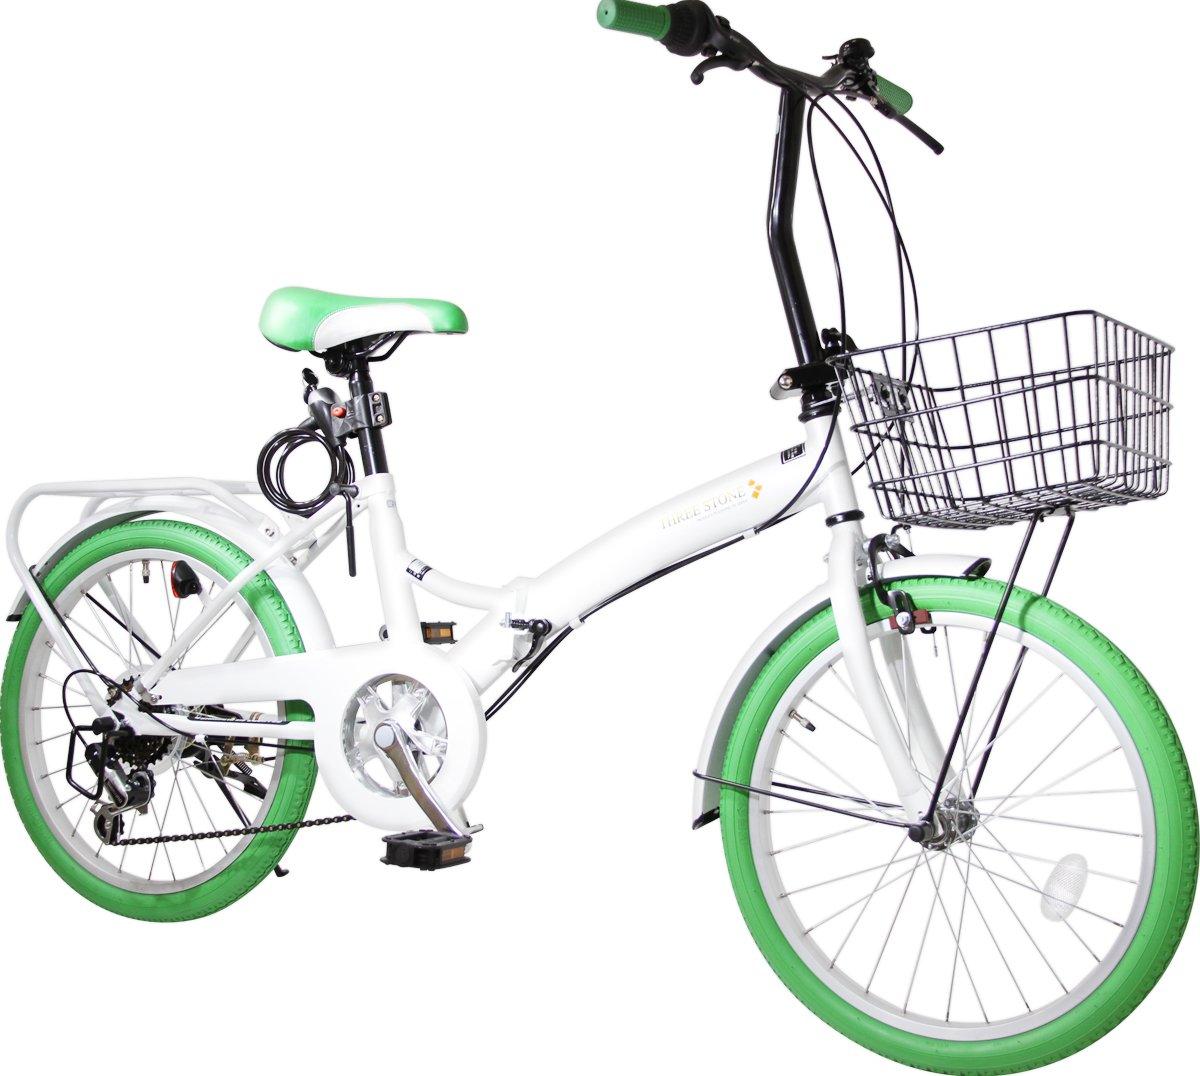 カゴ付き 20インチ 折りたたみ自転車 AJ-04-T カラータイヤ シマノ外装6段ギア リアキャリア (ミニベロ/折り畳み自転車/軽快車/自転車) B07D8R6WBW グリーン グリーン